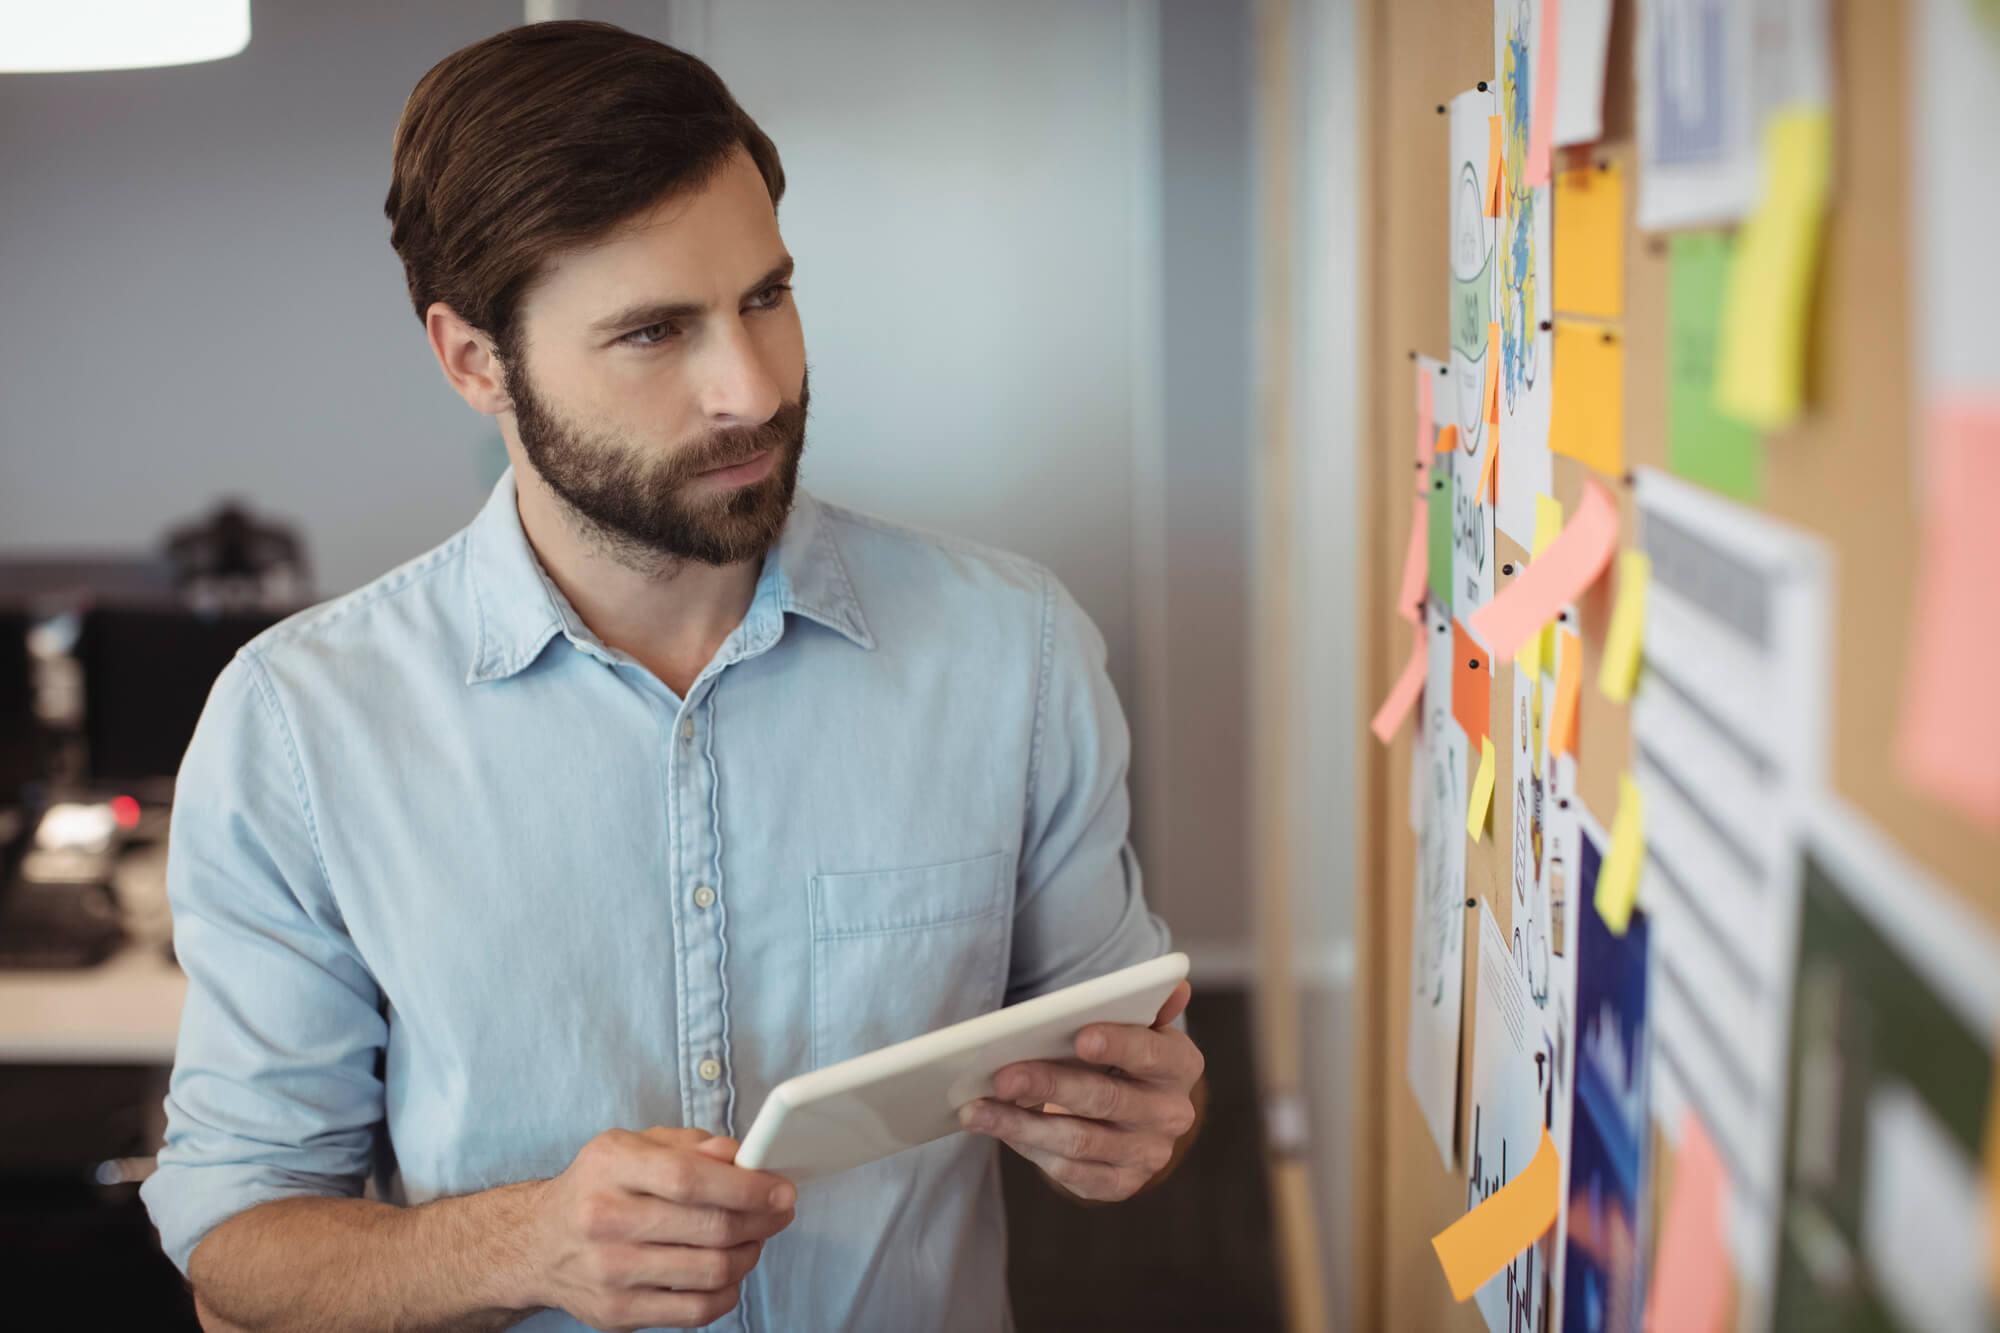 Como montar um plano de negócios? Aprenda em 10 passos!